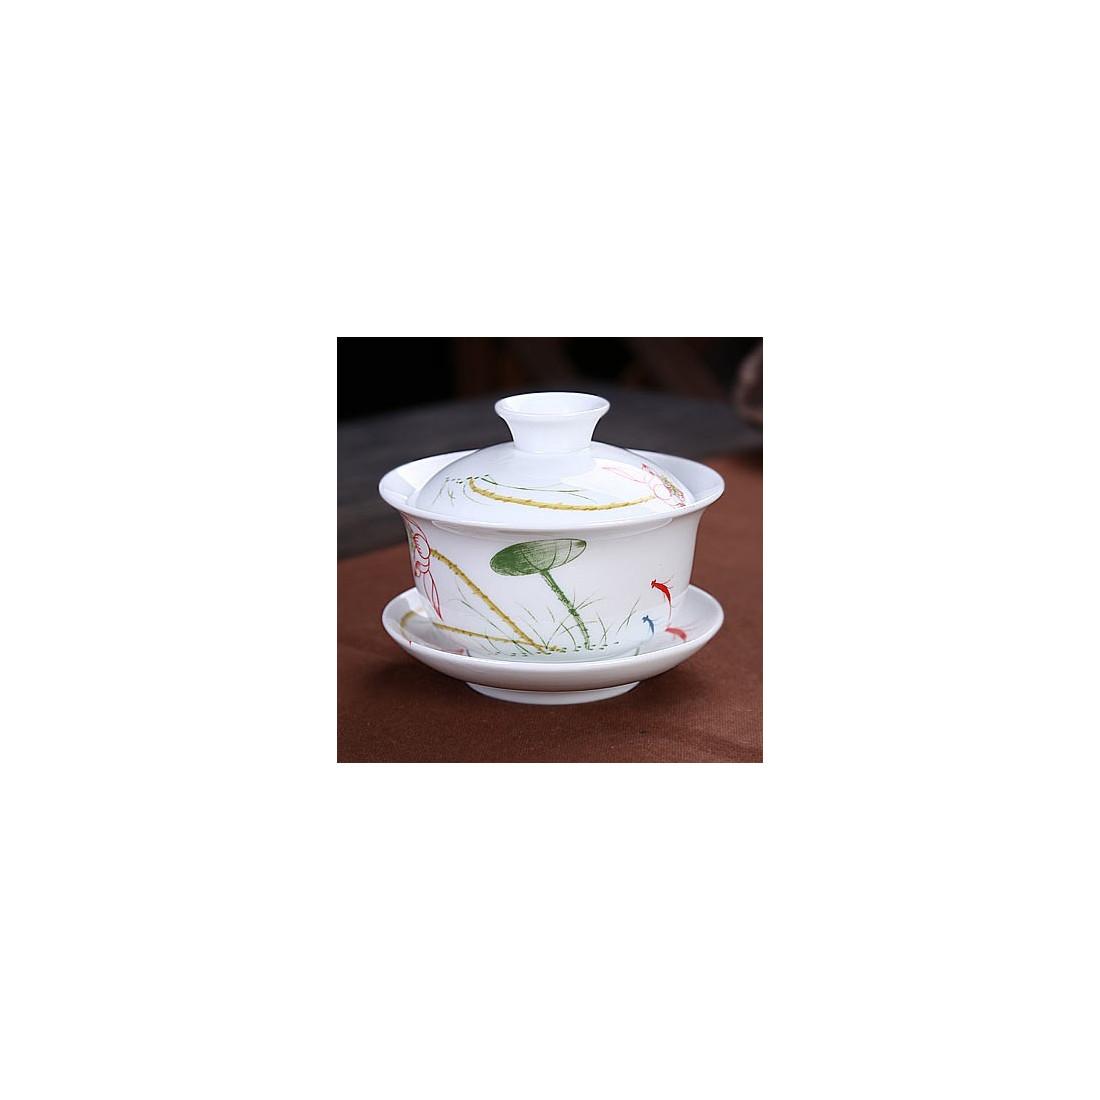 Белая гайвань с лотосом (3,8 цуня)